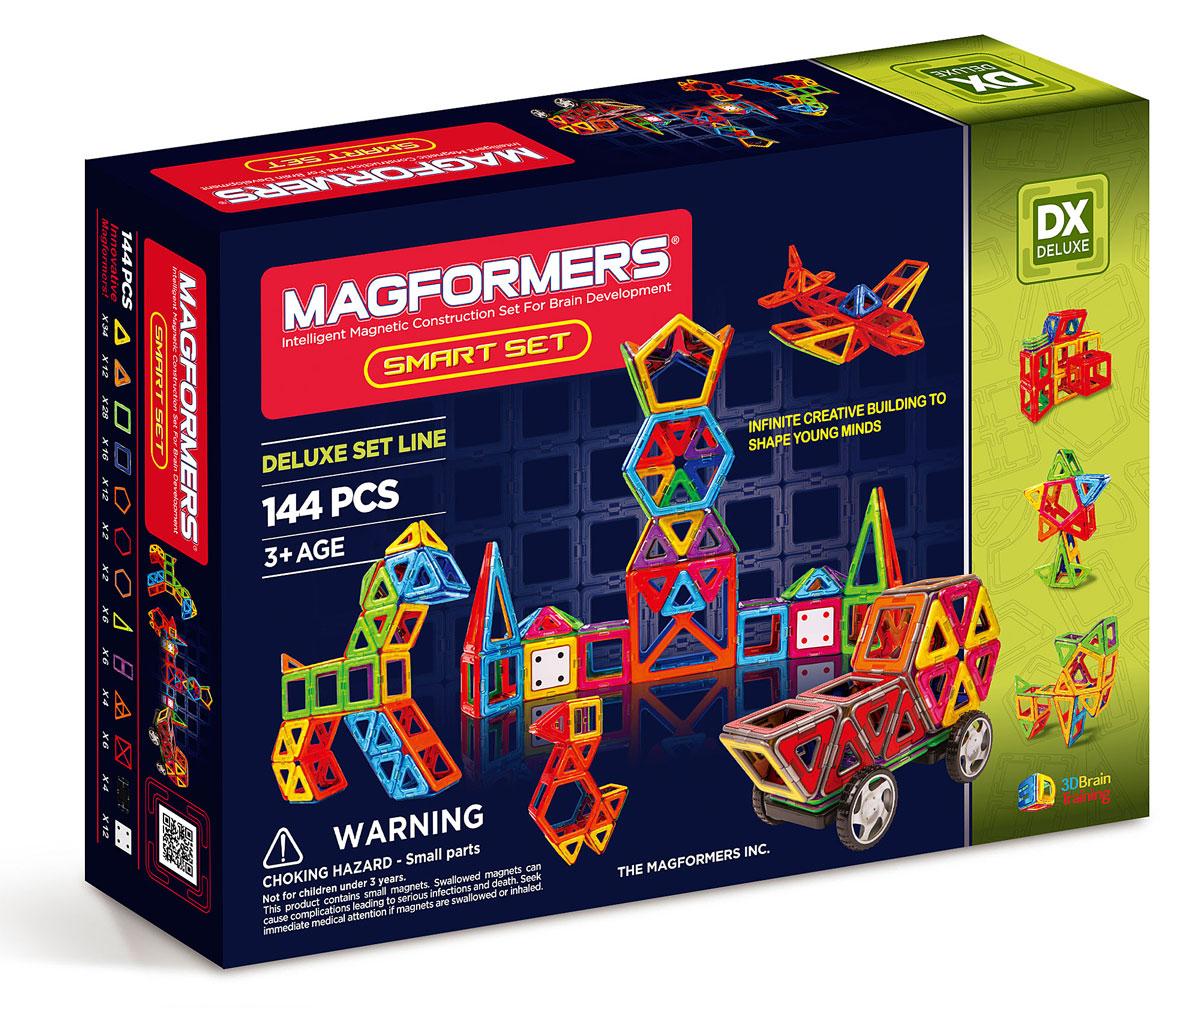 Magformers Магнитный конструктор Smart Set63082/710001Набор Magformers Smart Set состоит из 144 элементов. Такое количество деталей предоставляет огромный спектр возможностей по созданию всего того, на что способна фантазия вашего малыша — от простых построек детишек помладше до сложнейших больших конструкций ребят более старшего возраста. В составе данного набора много стандартных базовых деталей — треугольников и квадратов. Уже только с их помощью вы сможете делать шары, башни, домики, замки... А уж если добавить остальные имеющиеся детали, то возможности Magformers становятся практически безграничными! Платформы с колесами, входящие в состав набора, позволяют собирать различные машины. Вставки в квадраты предназначены для украшения построек, и, заодно, могут помочь Вашему ребенку изучить счет. А также с их помощью полые постройки могут обрести стены. Также в этот набор входят суперквадраты и супертреугольники, которые так любят дети. Они по размеру в 4 раза превышают обычные, и постройки с их использованием сразу...